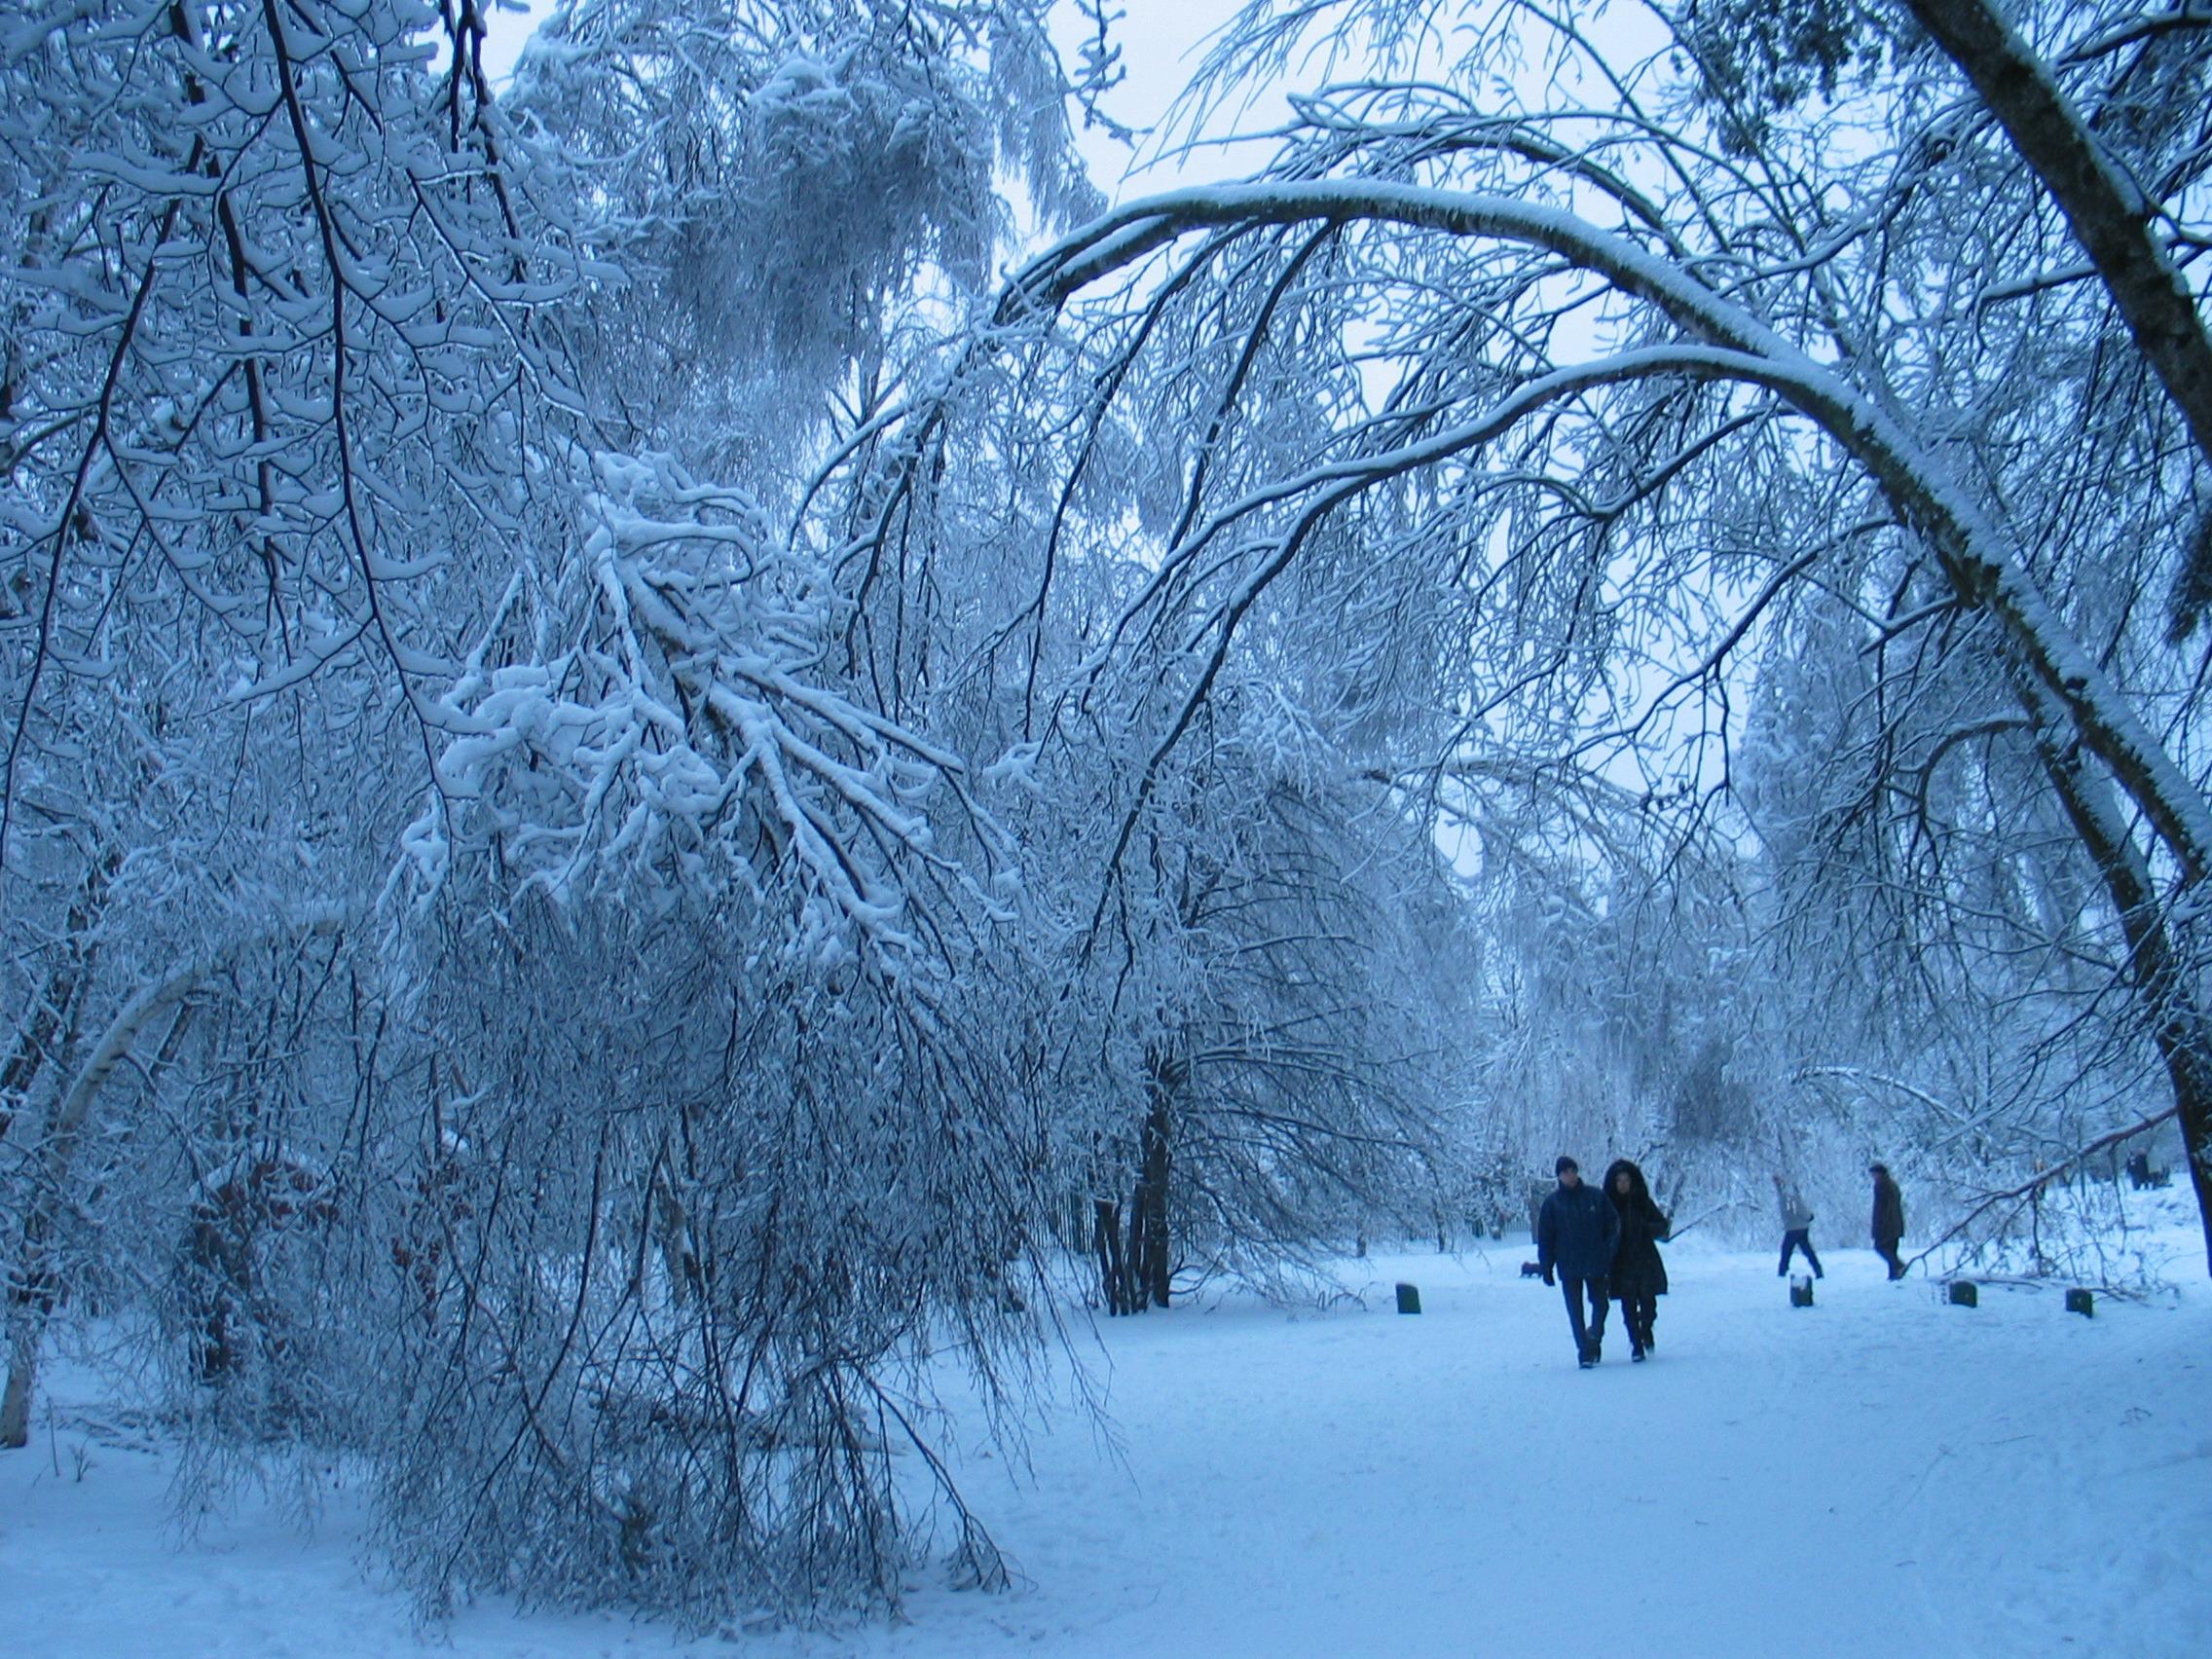 File:Moscow 2010-2011 glaze ice.jpg - Wikimedia Commons